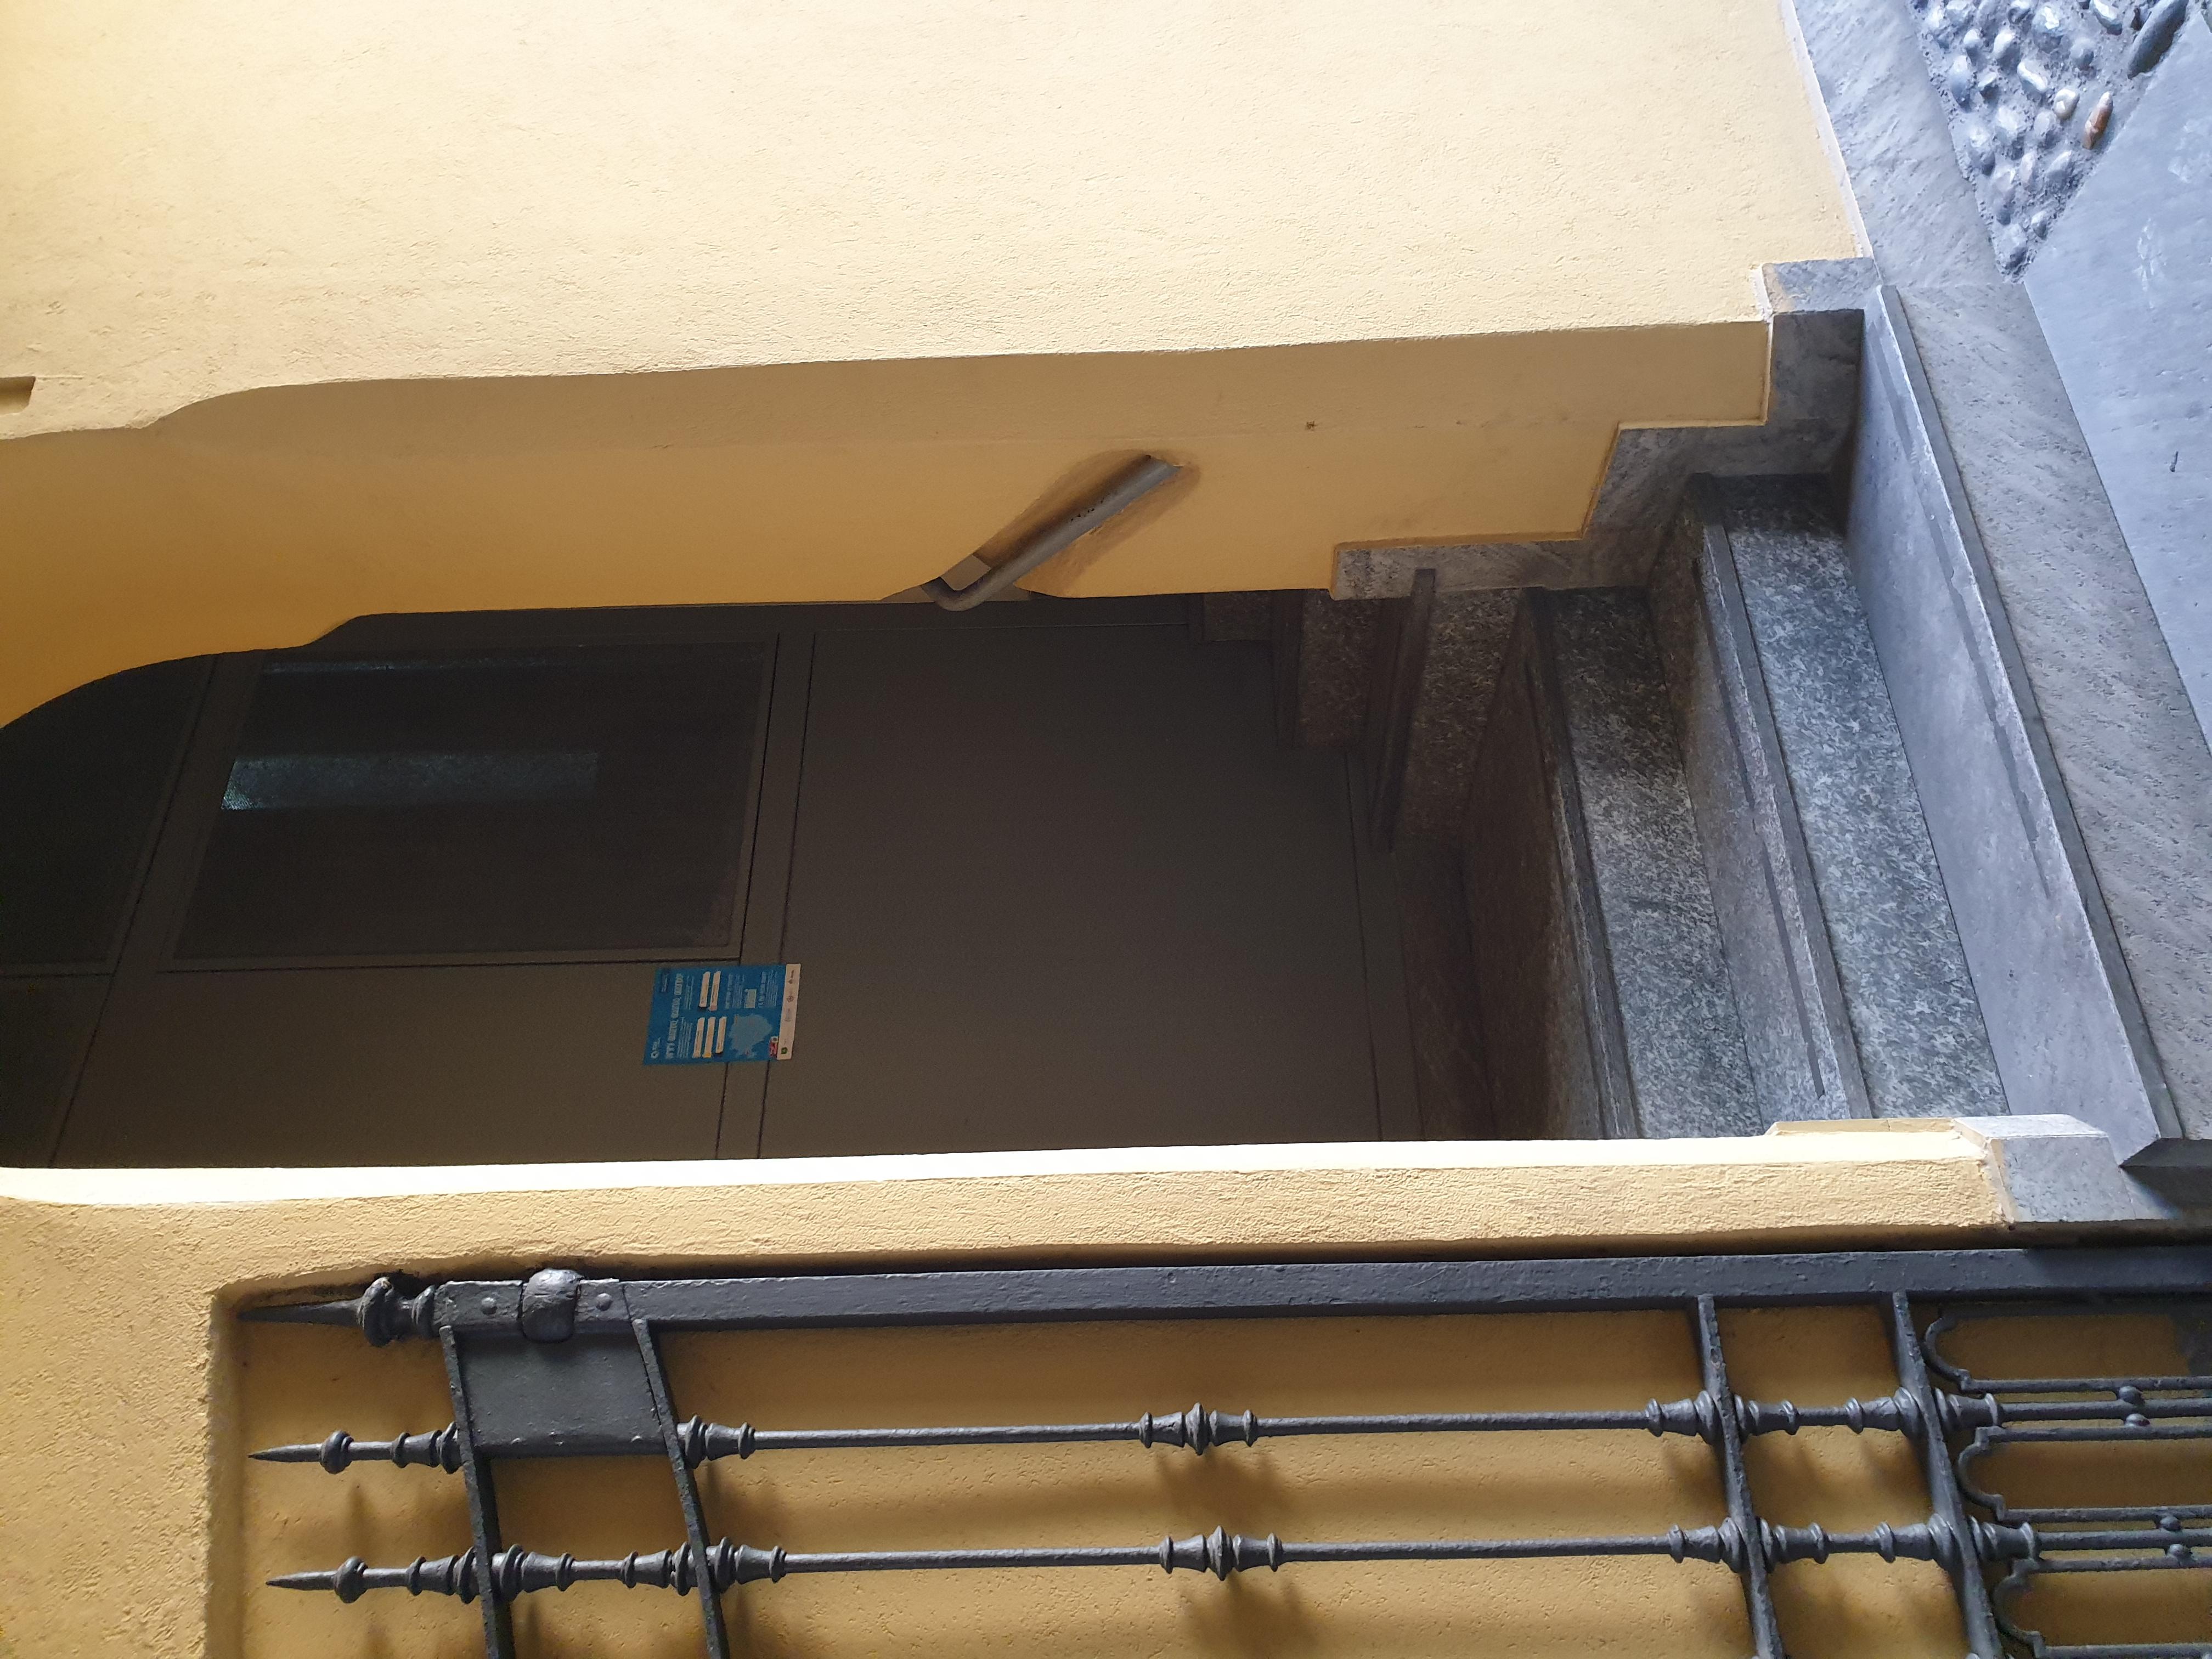 Piastre A Induzione Costi charming mini-loft in porta venezia - apartments for rent in